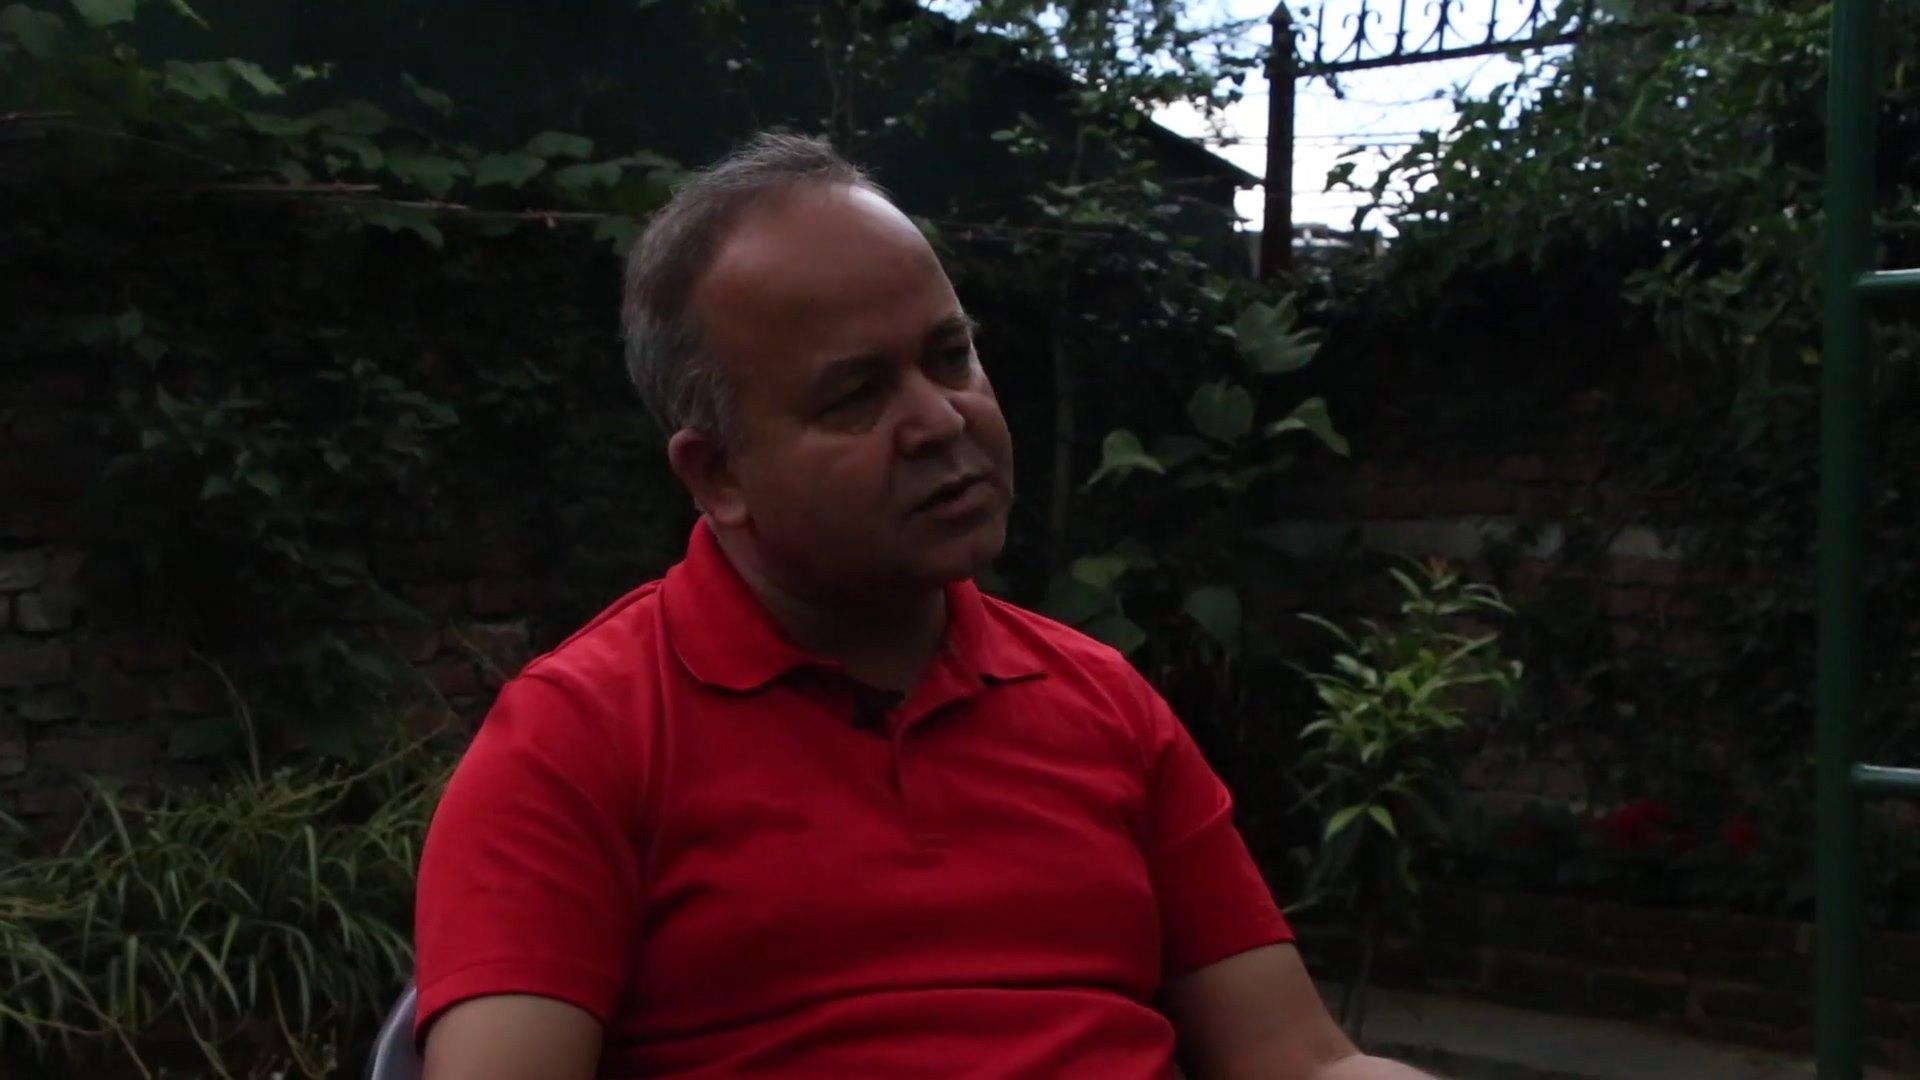 प्रशिक्षक न्याैपानेकाे परिवारलाई बिराटनगर टिम र बिराजकाे सहयाेग